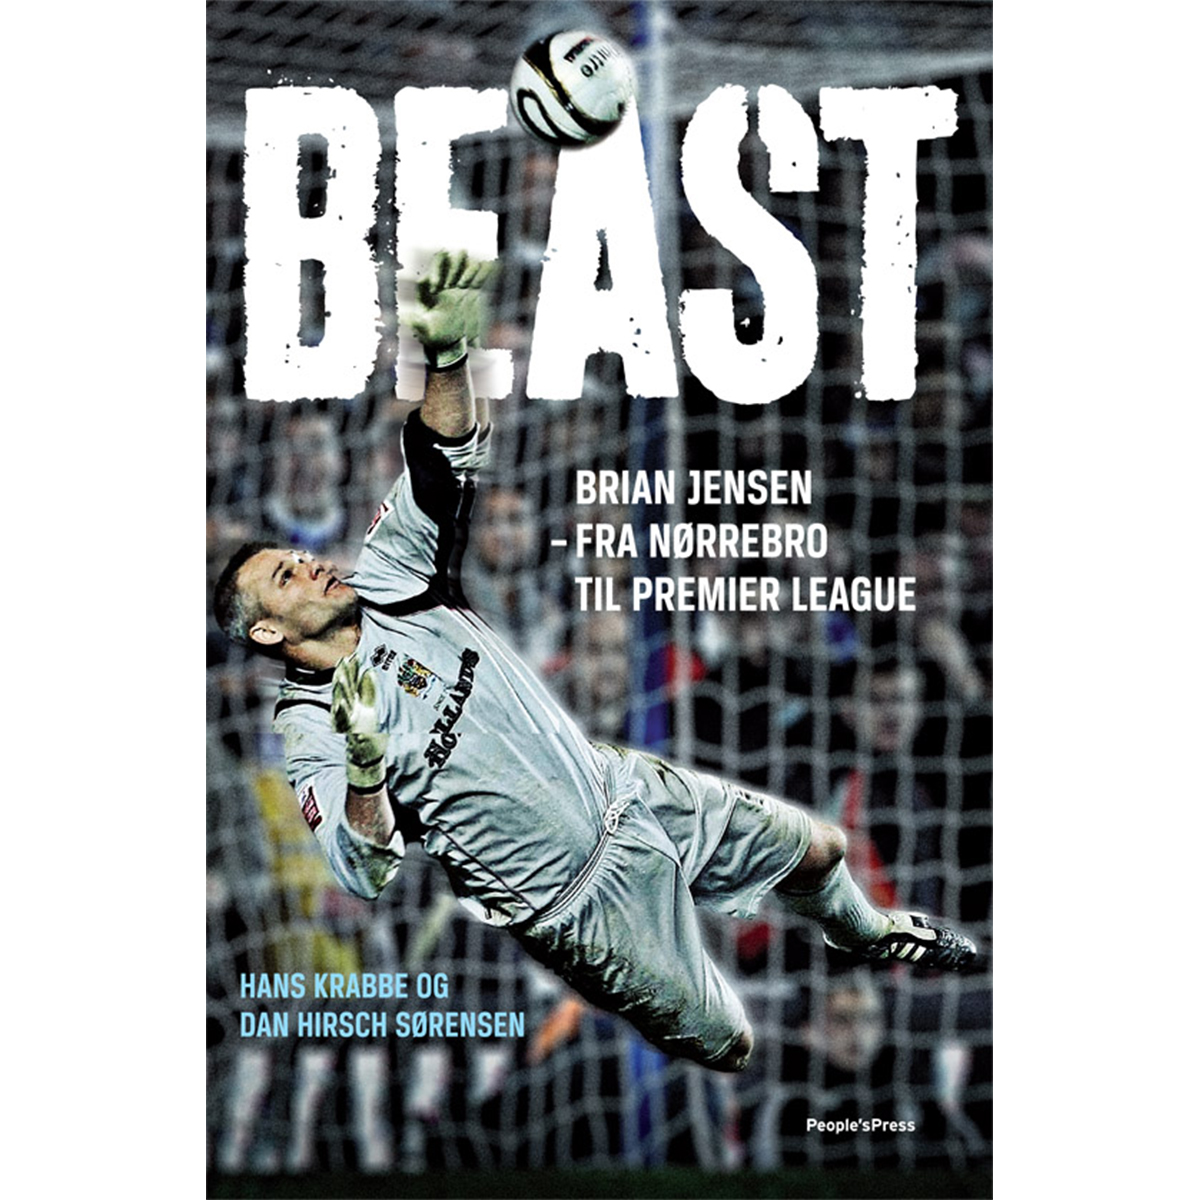 Billede af Beast - Brian Jensen - fra Nørrebro til Premier League - Hæftet